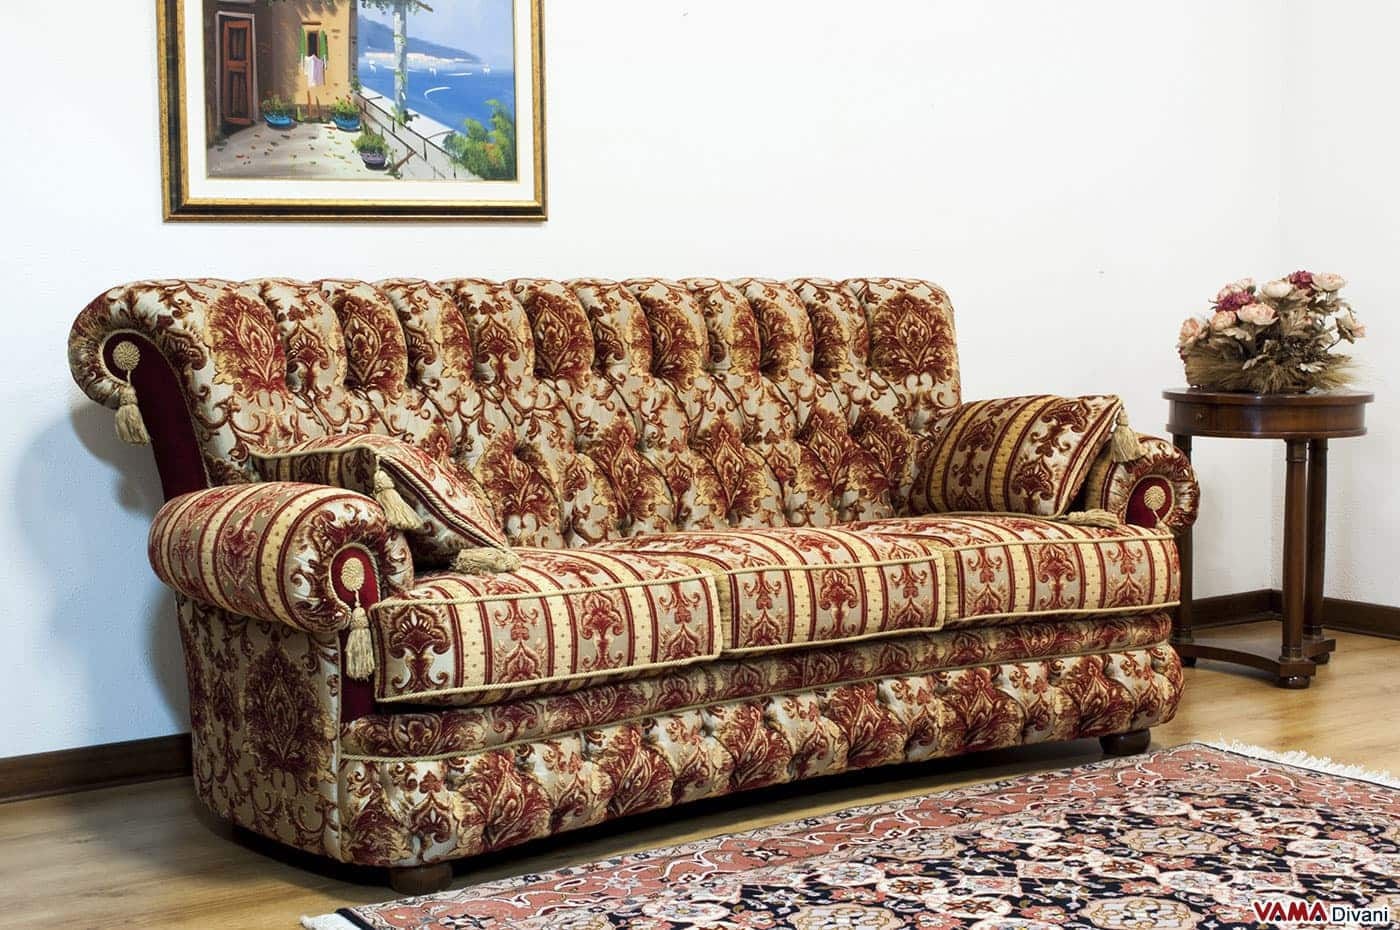 Divano damasco vama divani - Divano di istanbul ...